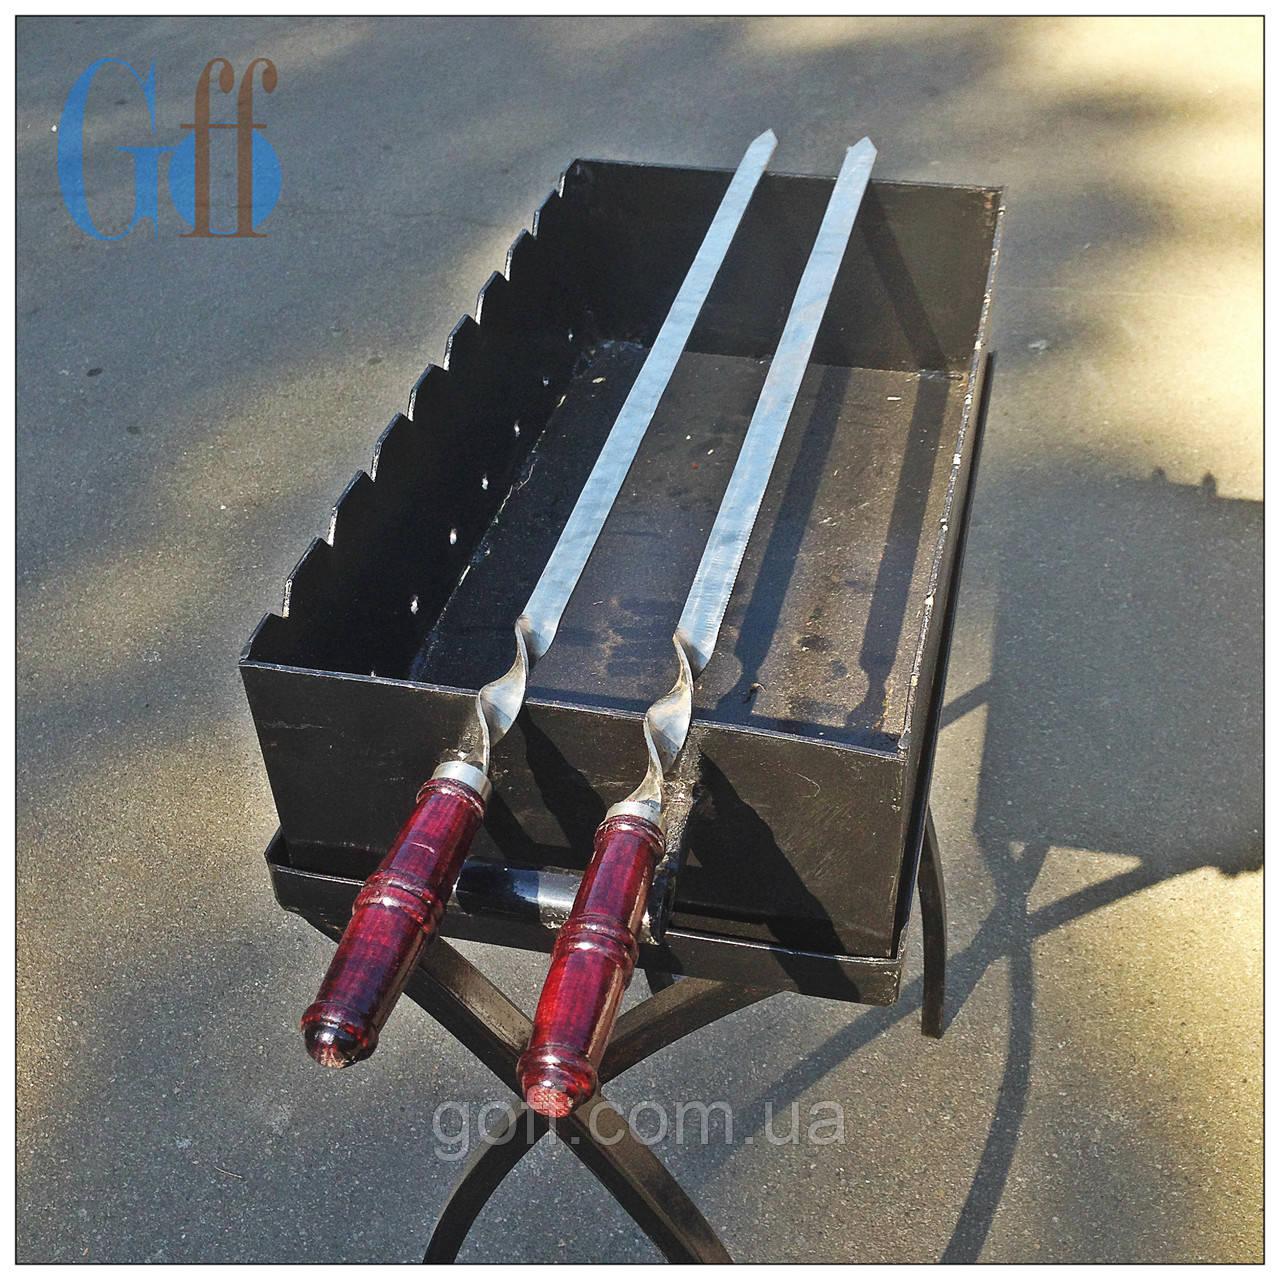 Шампур плоский, Шампур 80 см., Шампур с деревянной ручкой